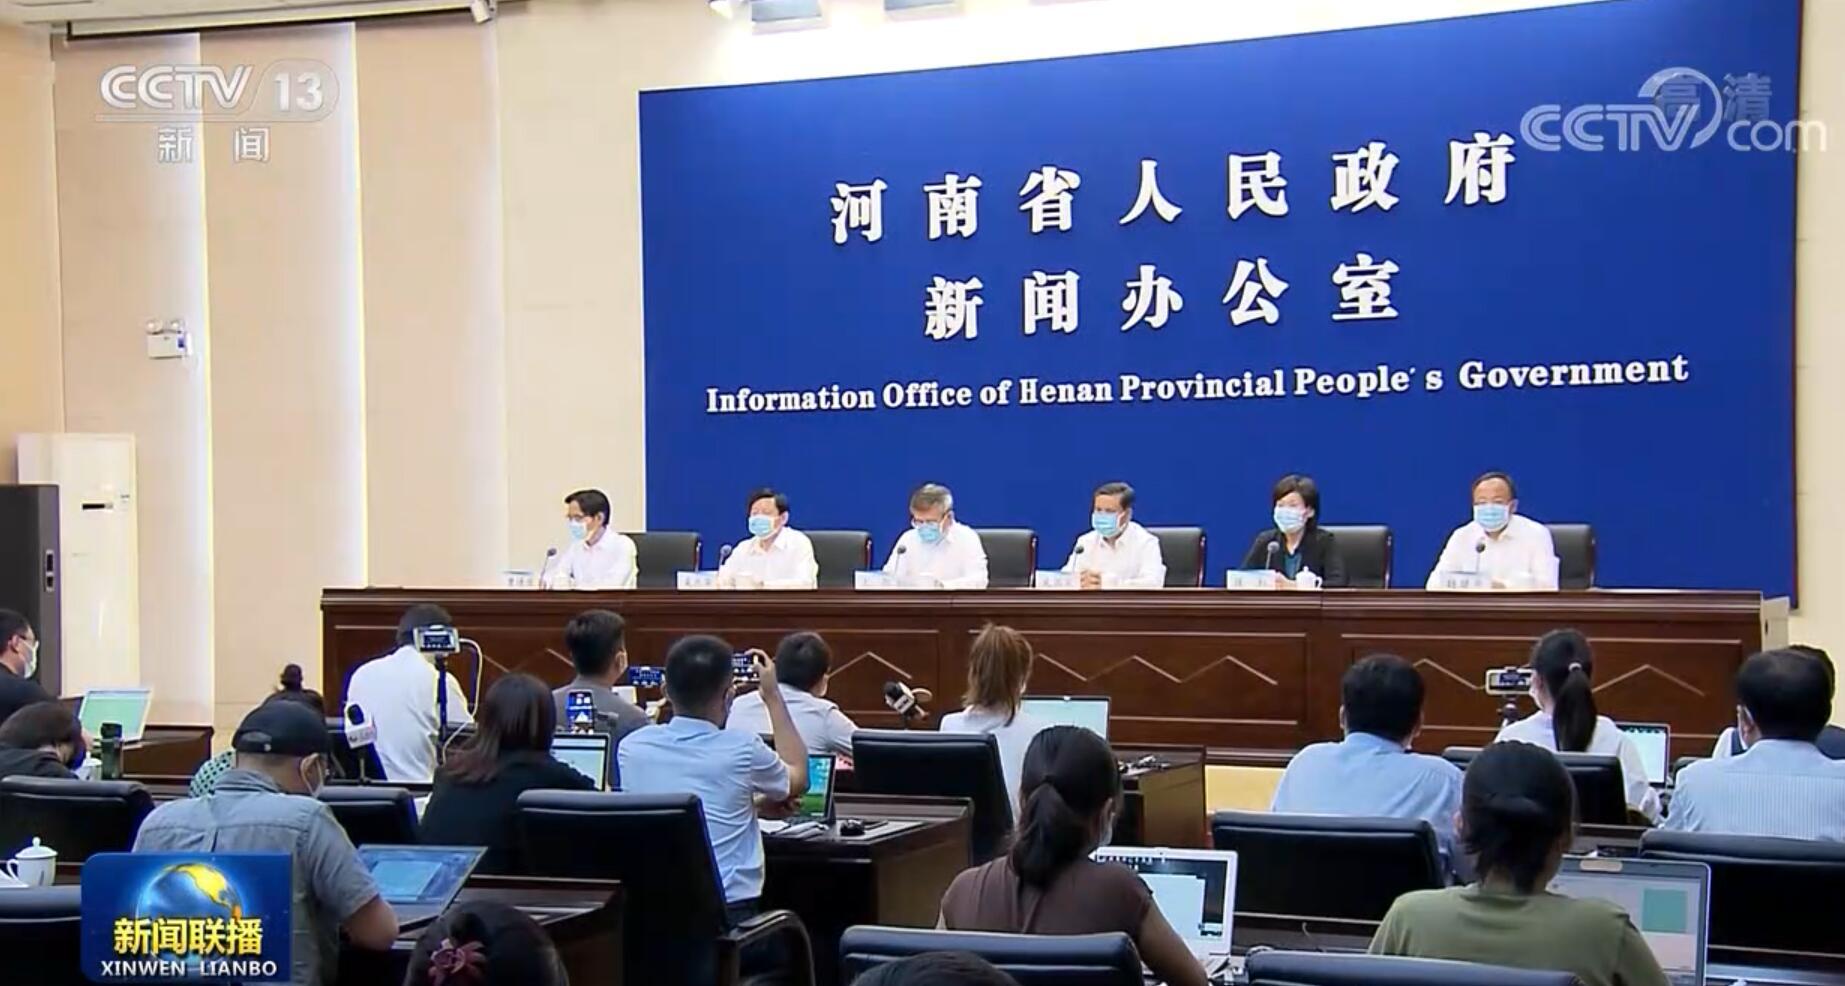 [视频]河南通报最新灾情 遇难人数上升至302人